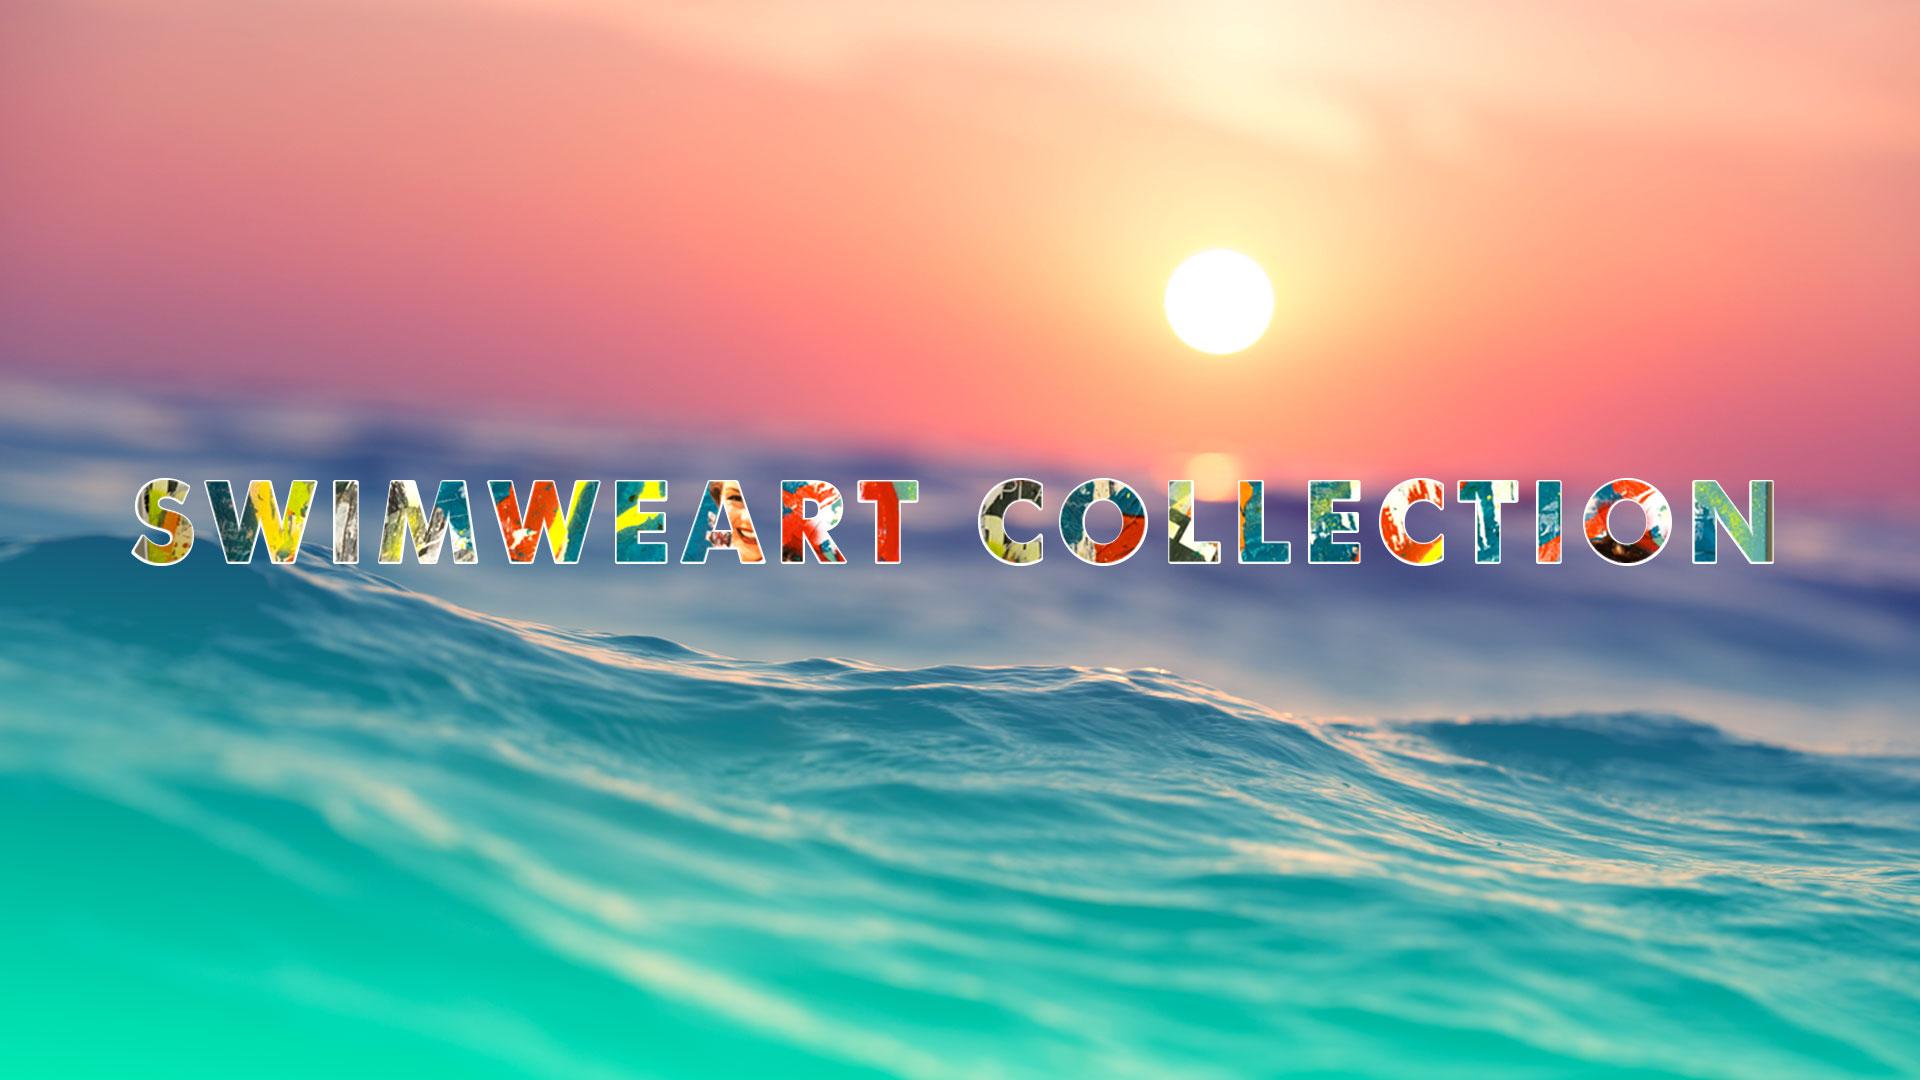 sctitta-Swimweart-Collection3.jpg